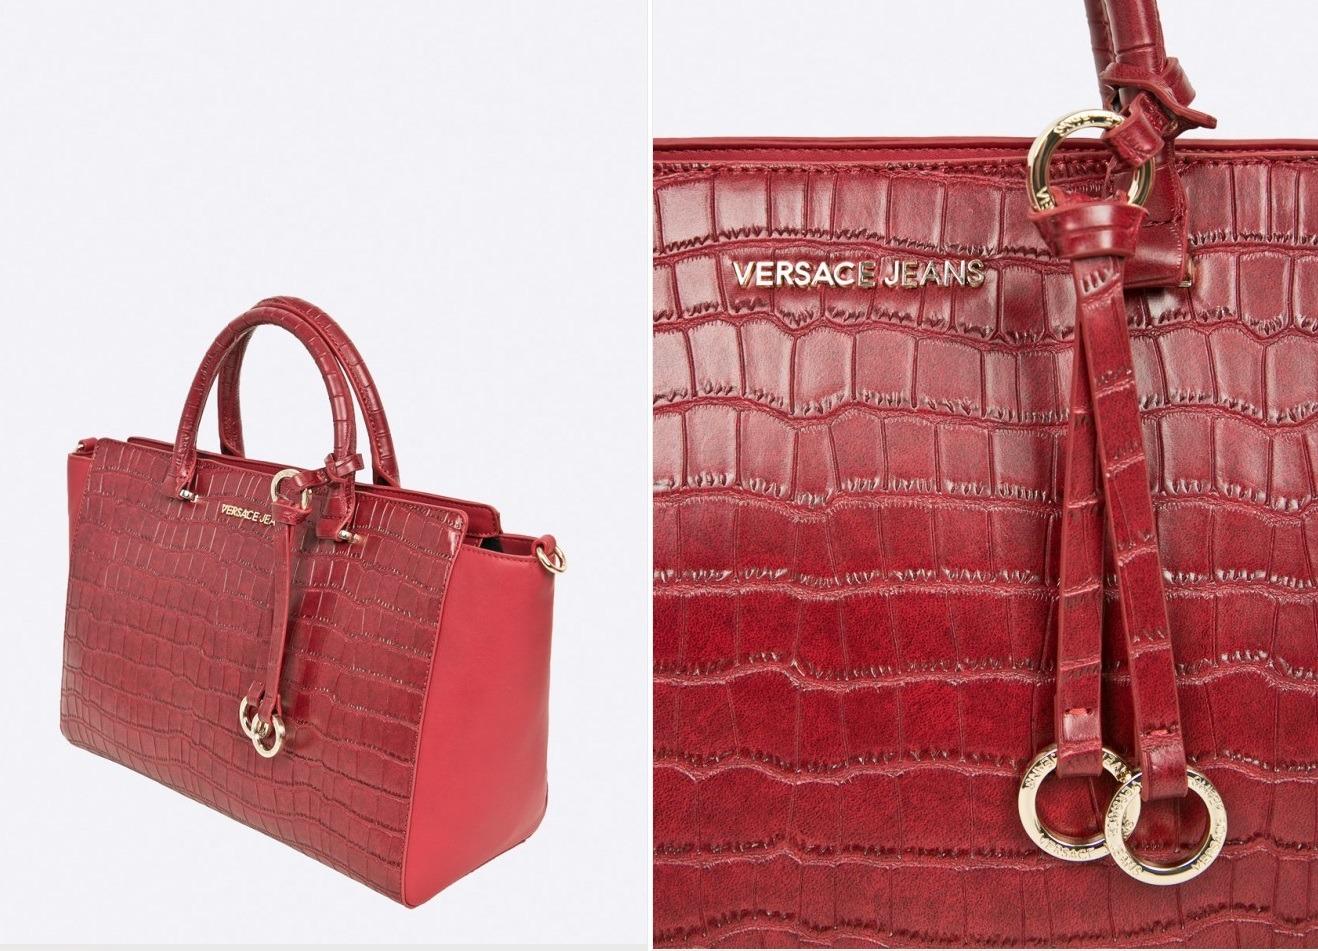 5c94c0eda605e Stylowe torebki Versace, które możesz mieć w swojej kolekcji ...